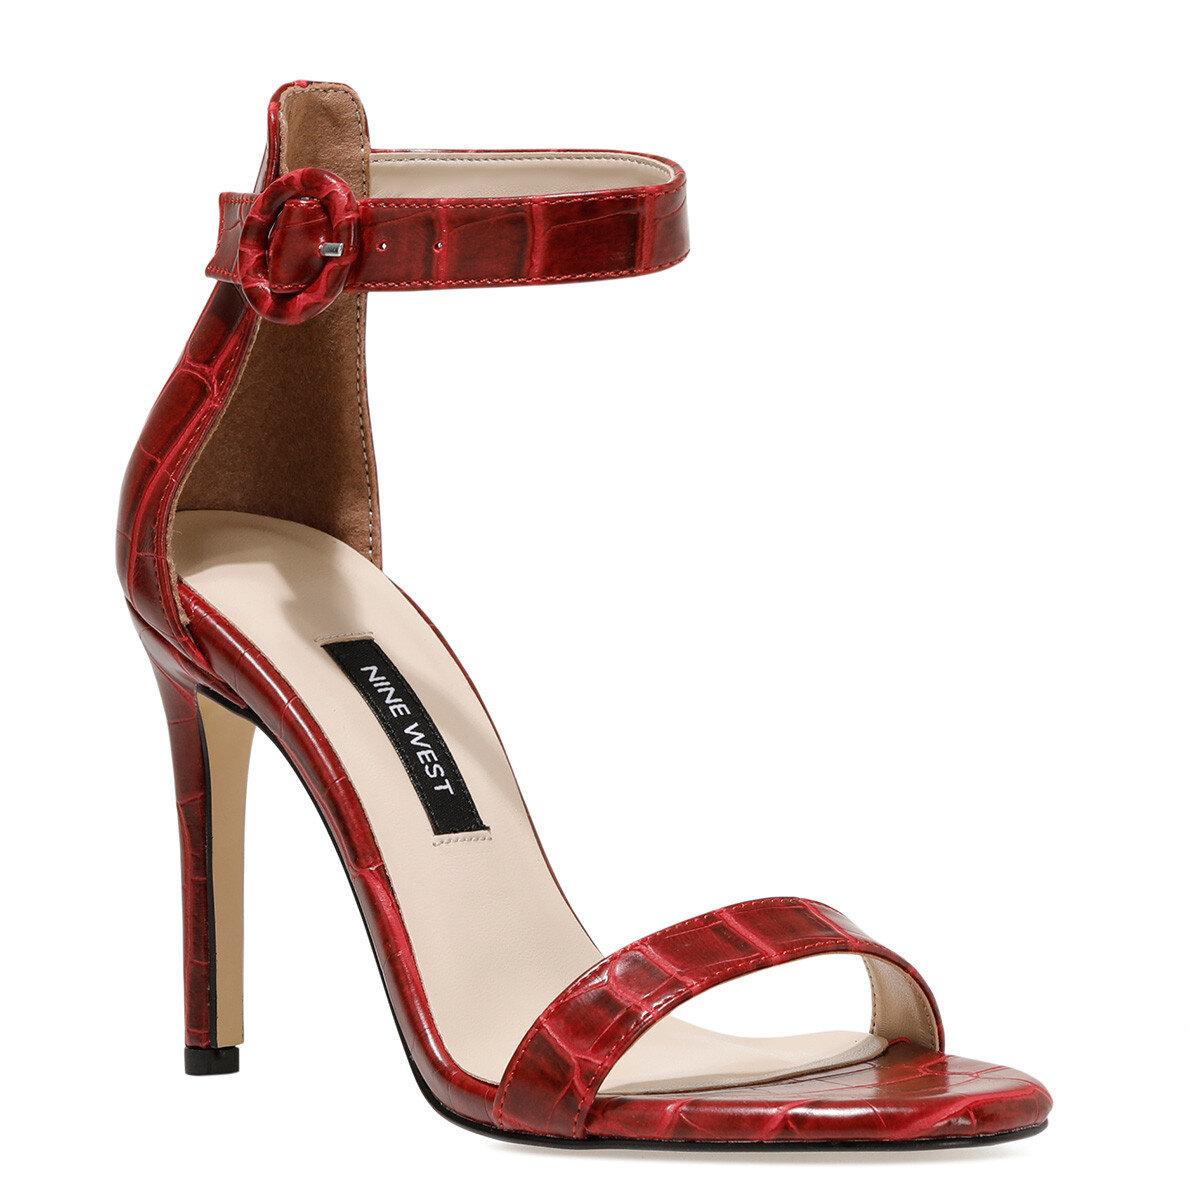 LINDIT Kırmızı Kadın Topuklu Ayakkabı